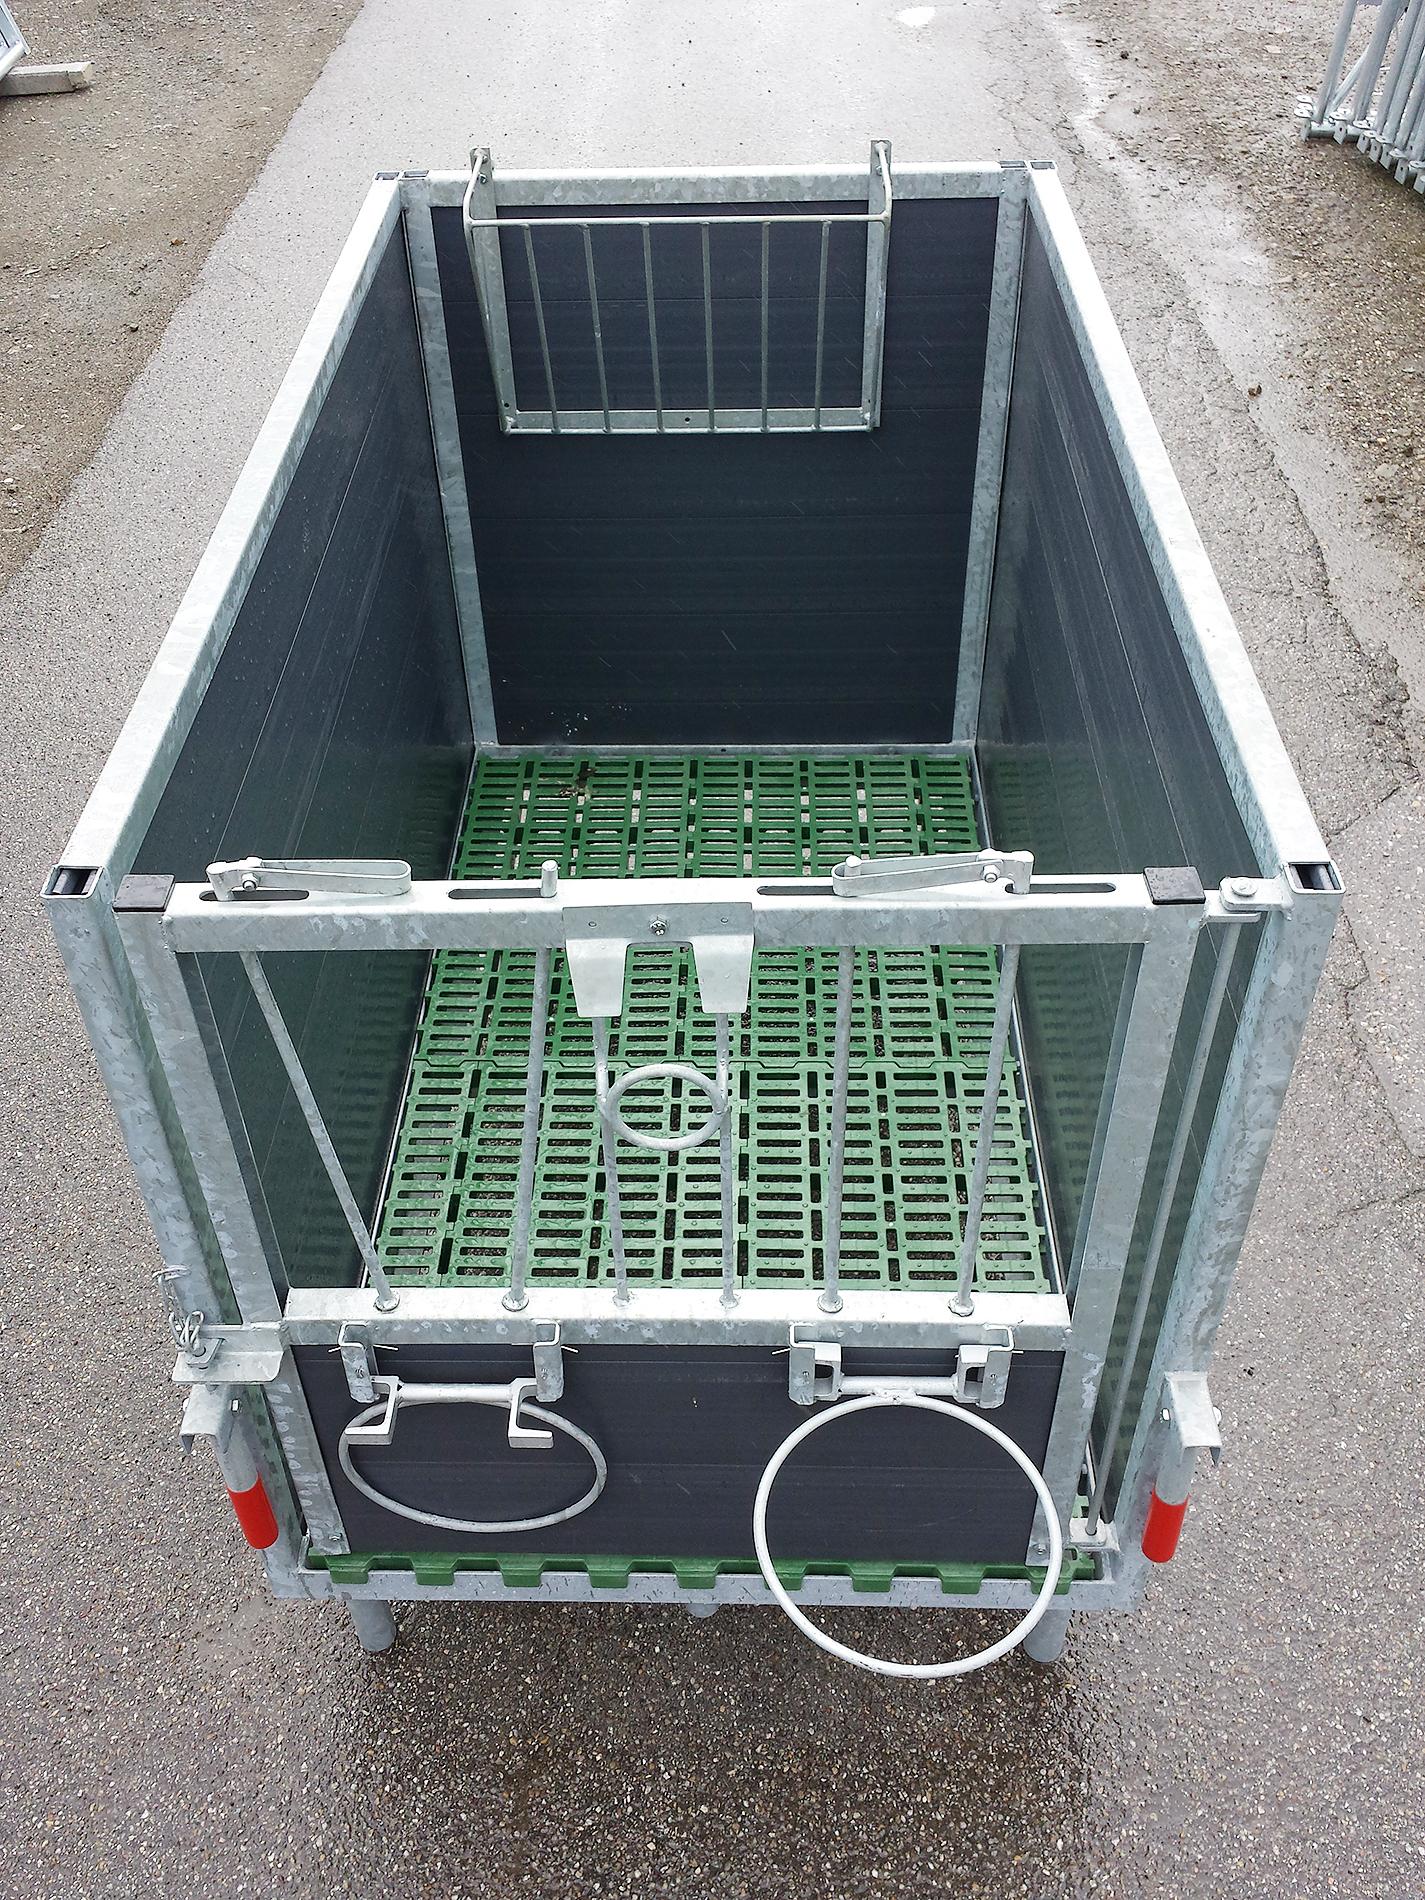 fahrbarer untersatz für container